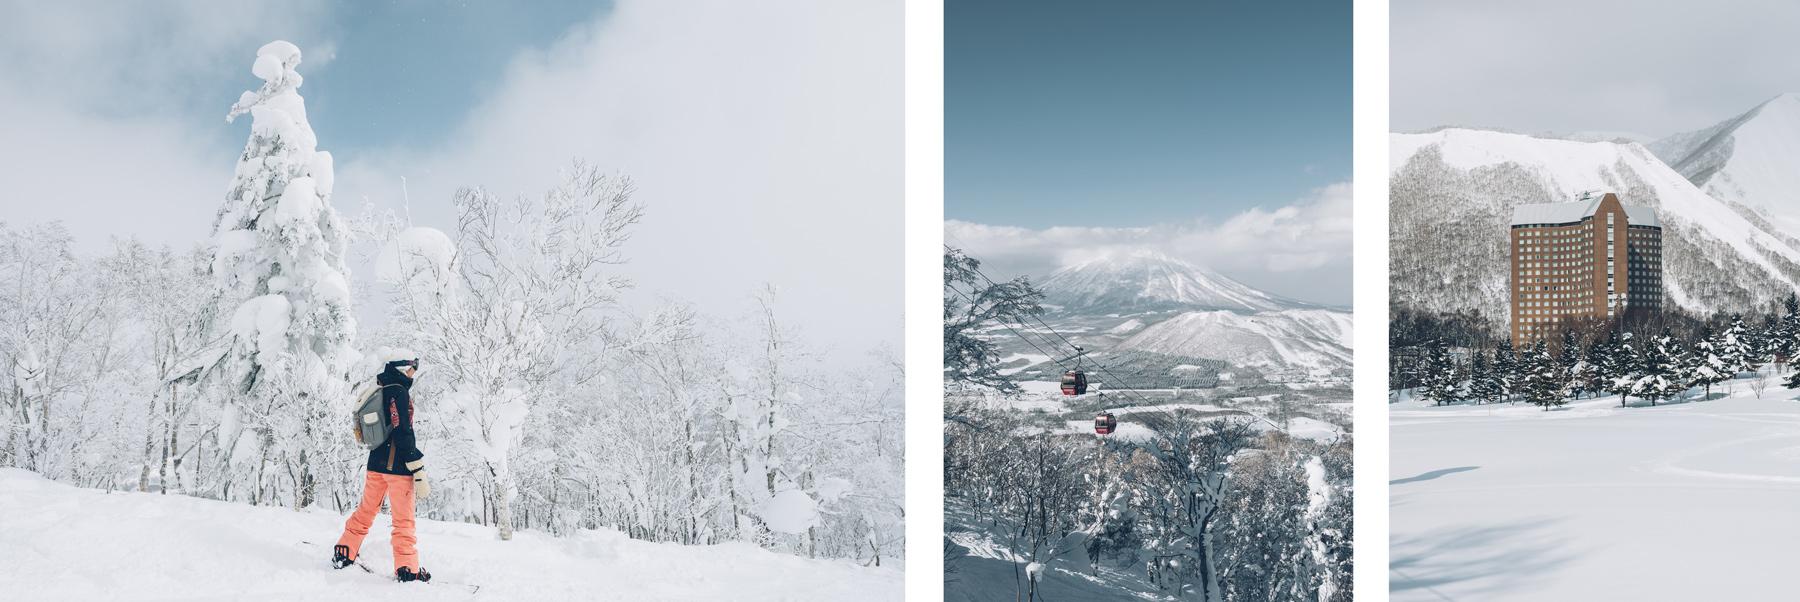 Station de ski au Japon: Rusutsu, Hokkaido